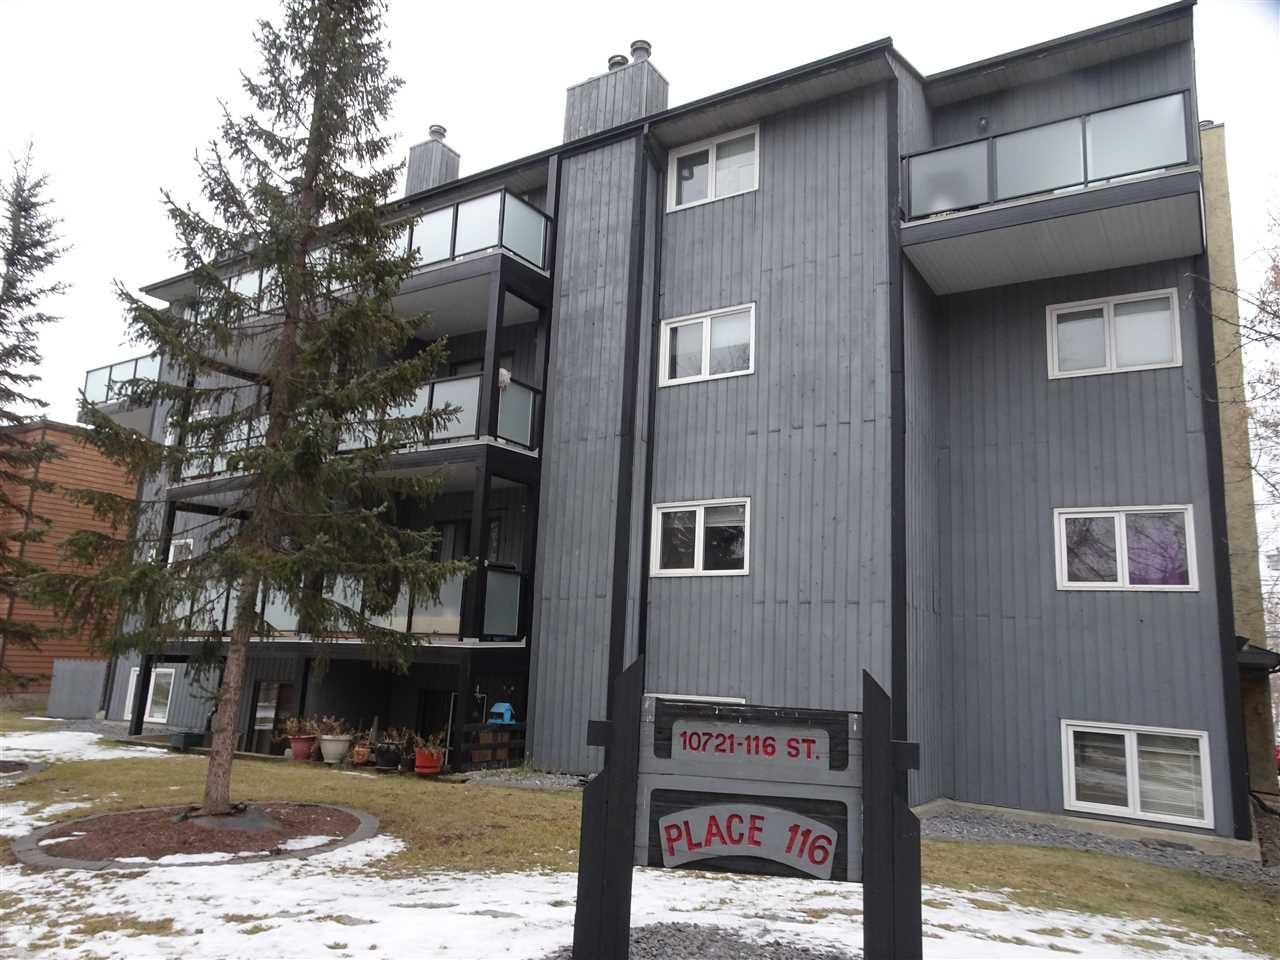 Main Photo: 2 10721 116 Street in Edmonton: Zone 08 Condo for sale : MLS®# E4136892